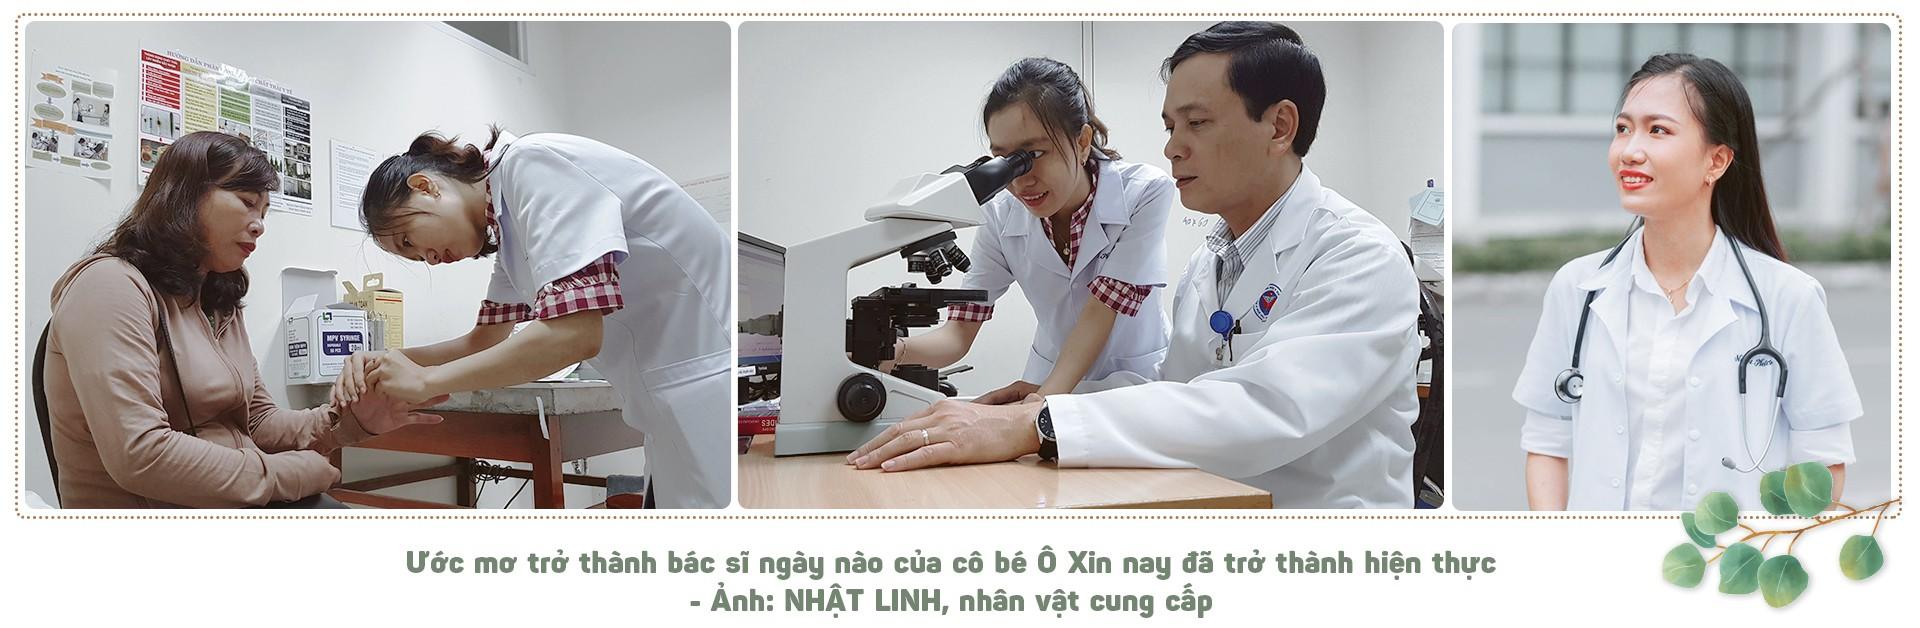 Ô Xin rửa bát thuê ngày nào đã thành bác sĩ Nam Phương - Ảnh 13.